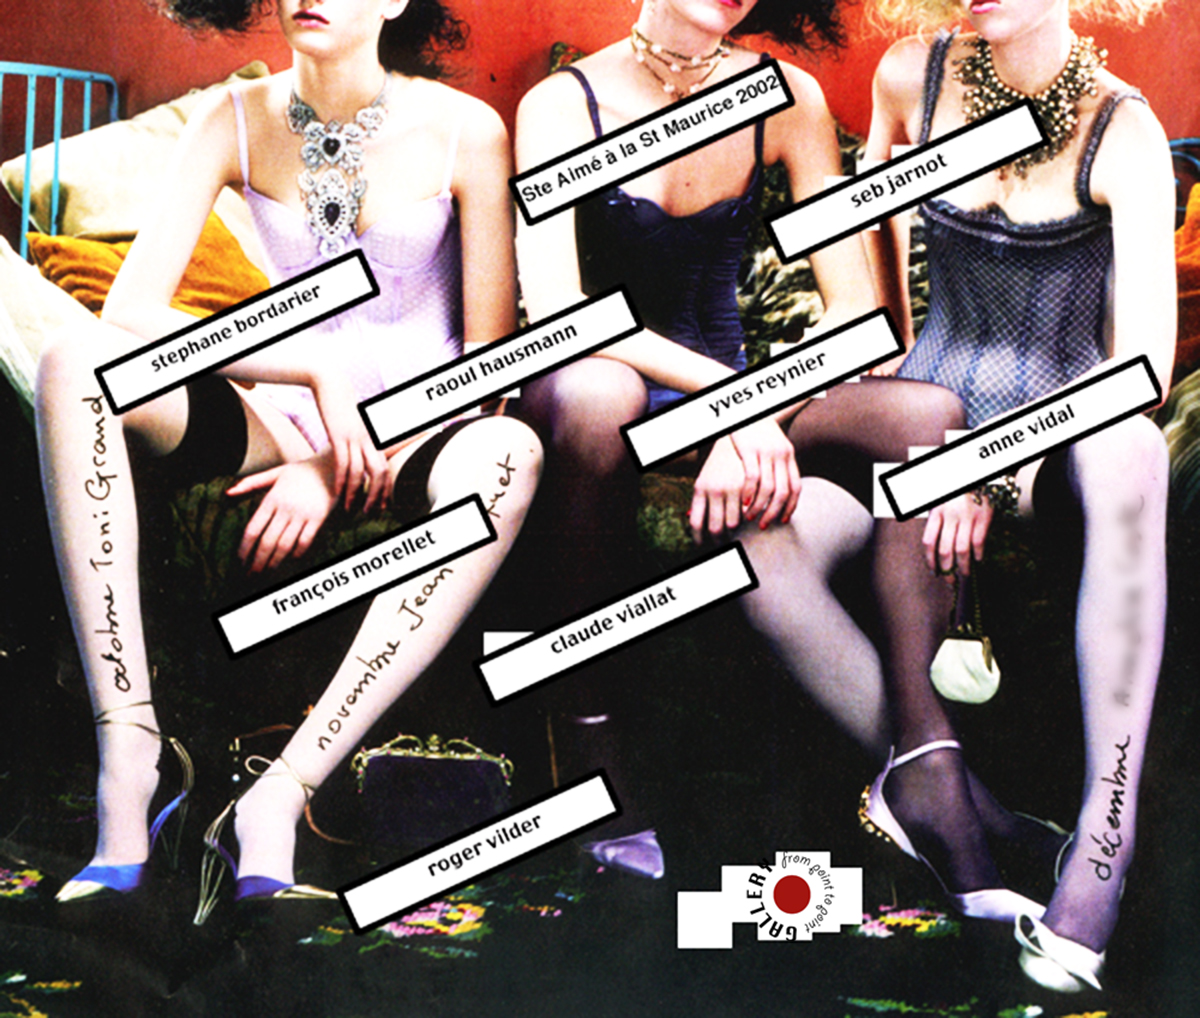 Yves Reynier Collective Exposition